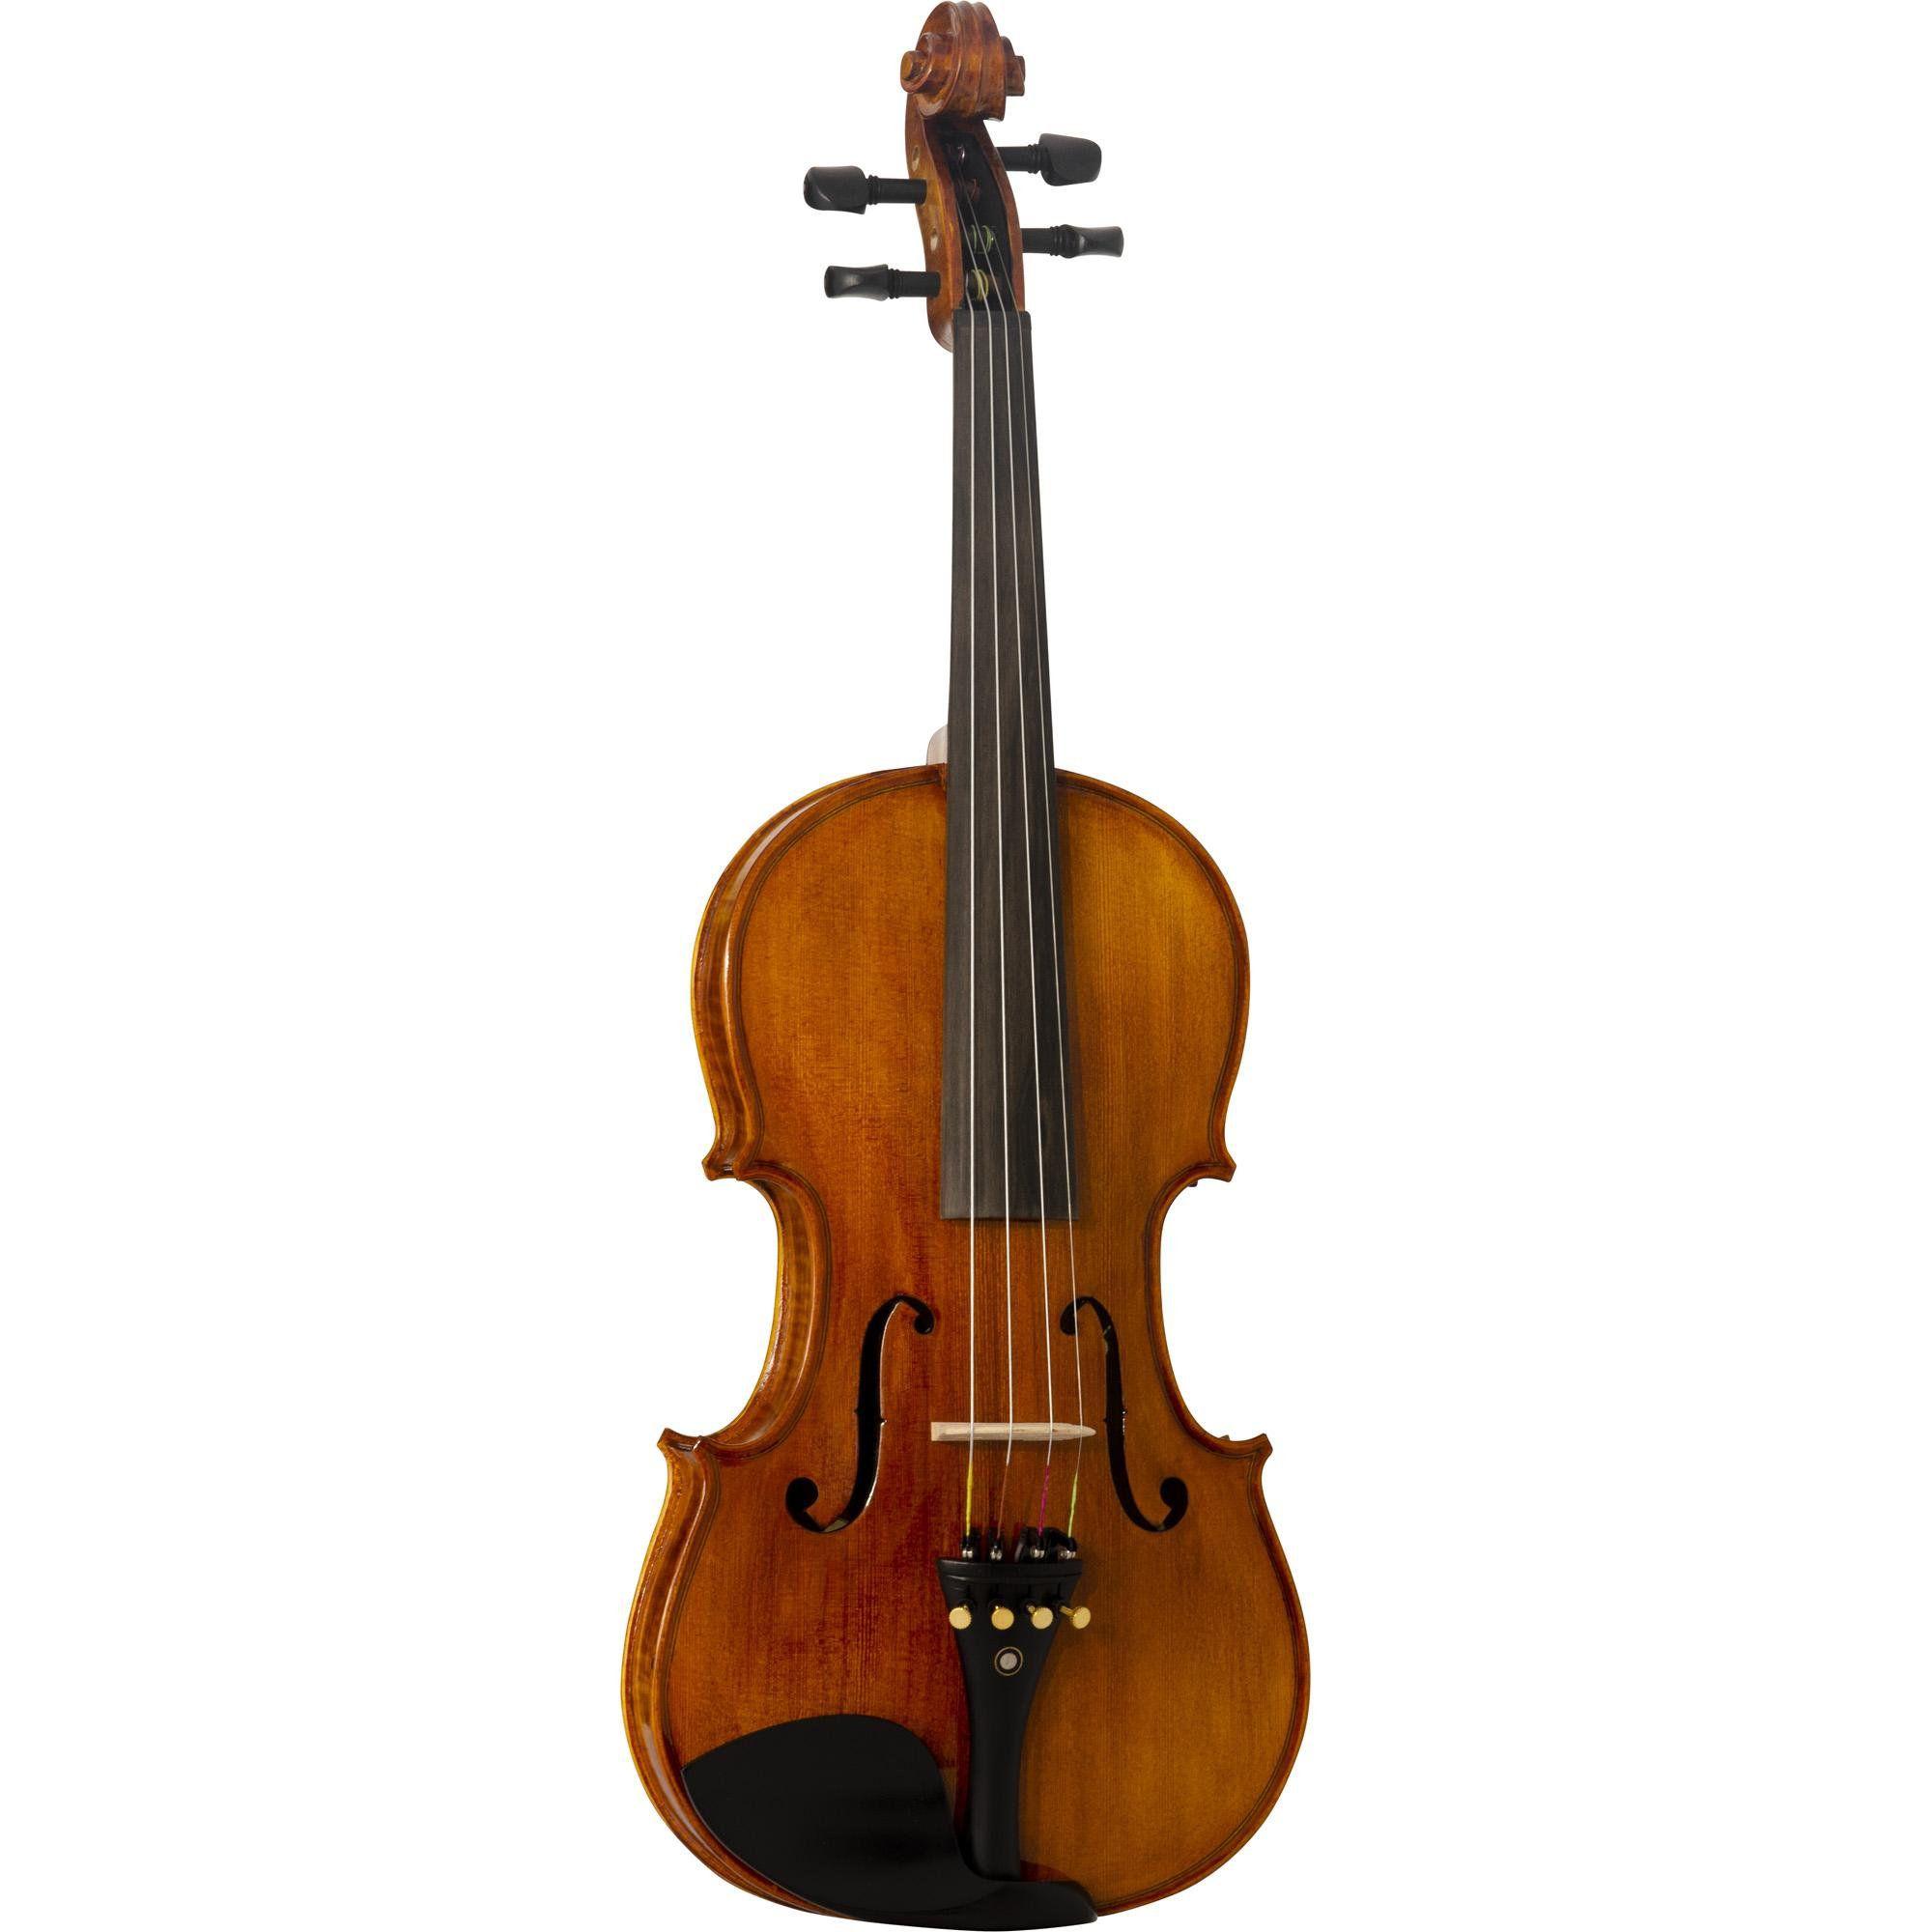 Violino Eagle VK-544 4/4 - Envelhecido